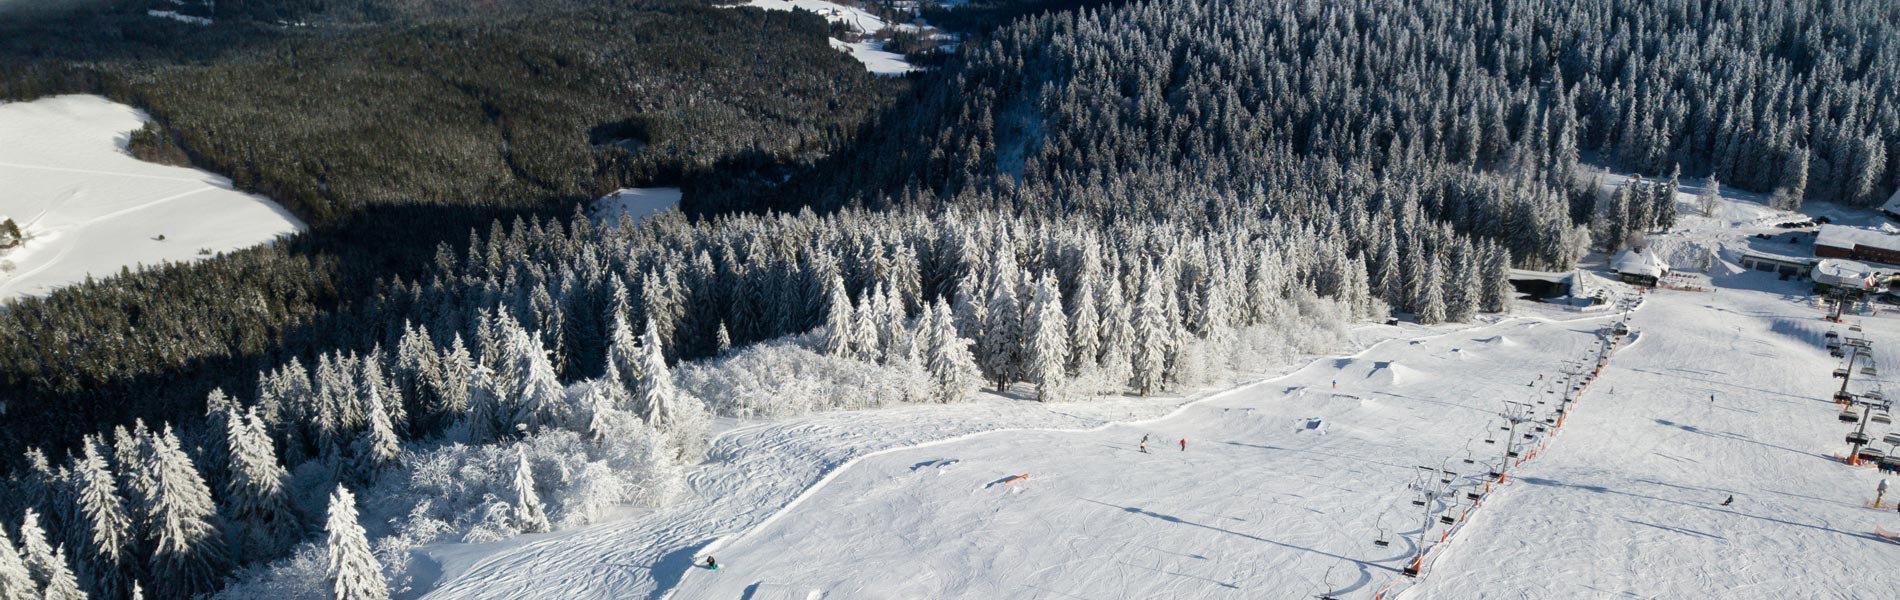 Der Snowpark am Feldberg wird im Jahr 2018/2019 nicht mehr geshaped werden - © https://www.snowpark-feldberg.de